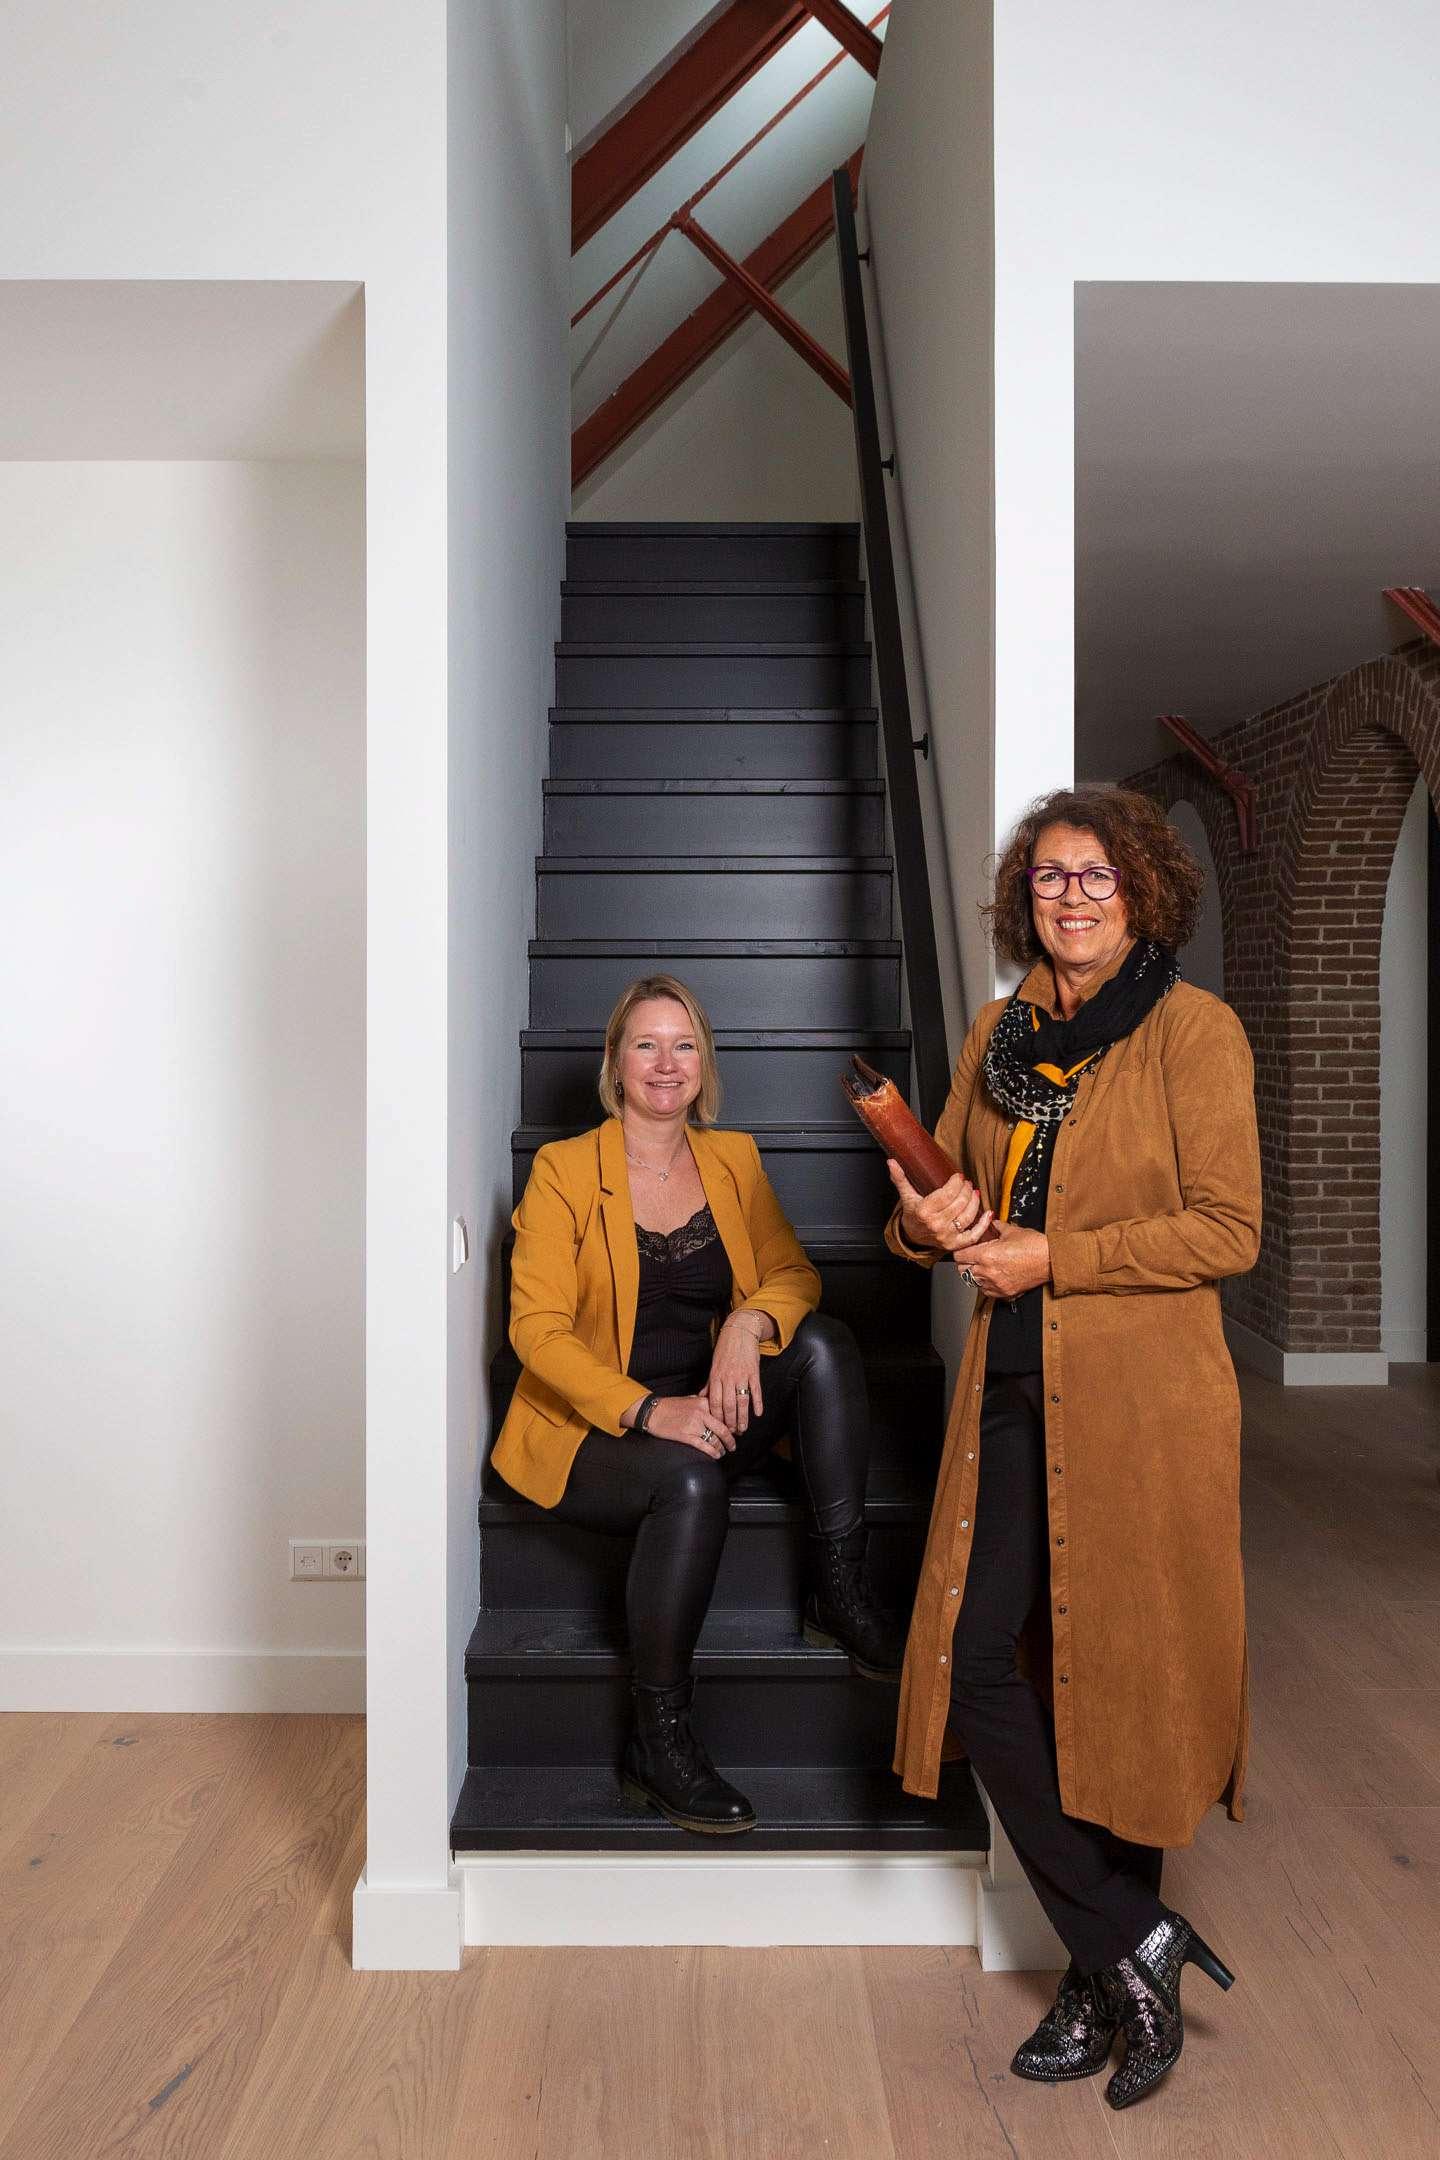 Margit Nijboer Makelaardij Alles in huis voor een perfecte aan- of verkoop.